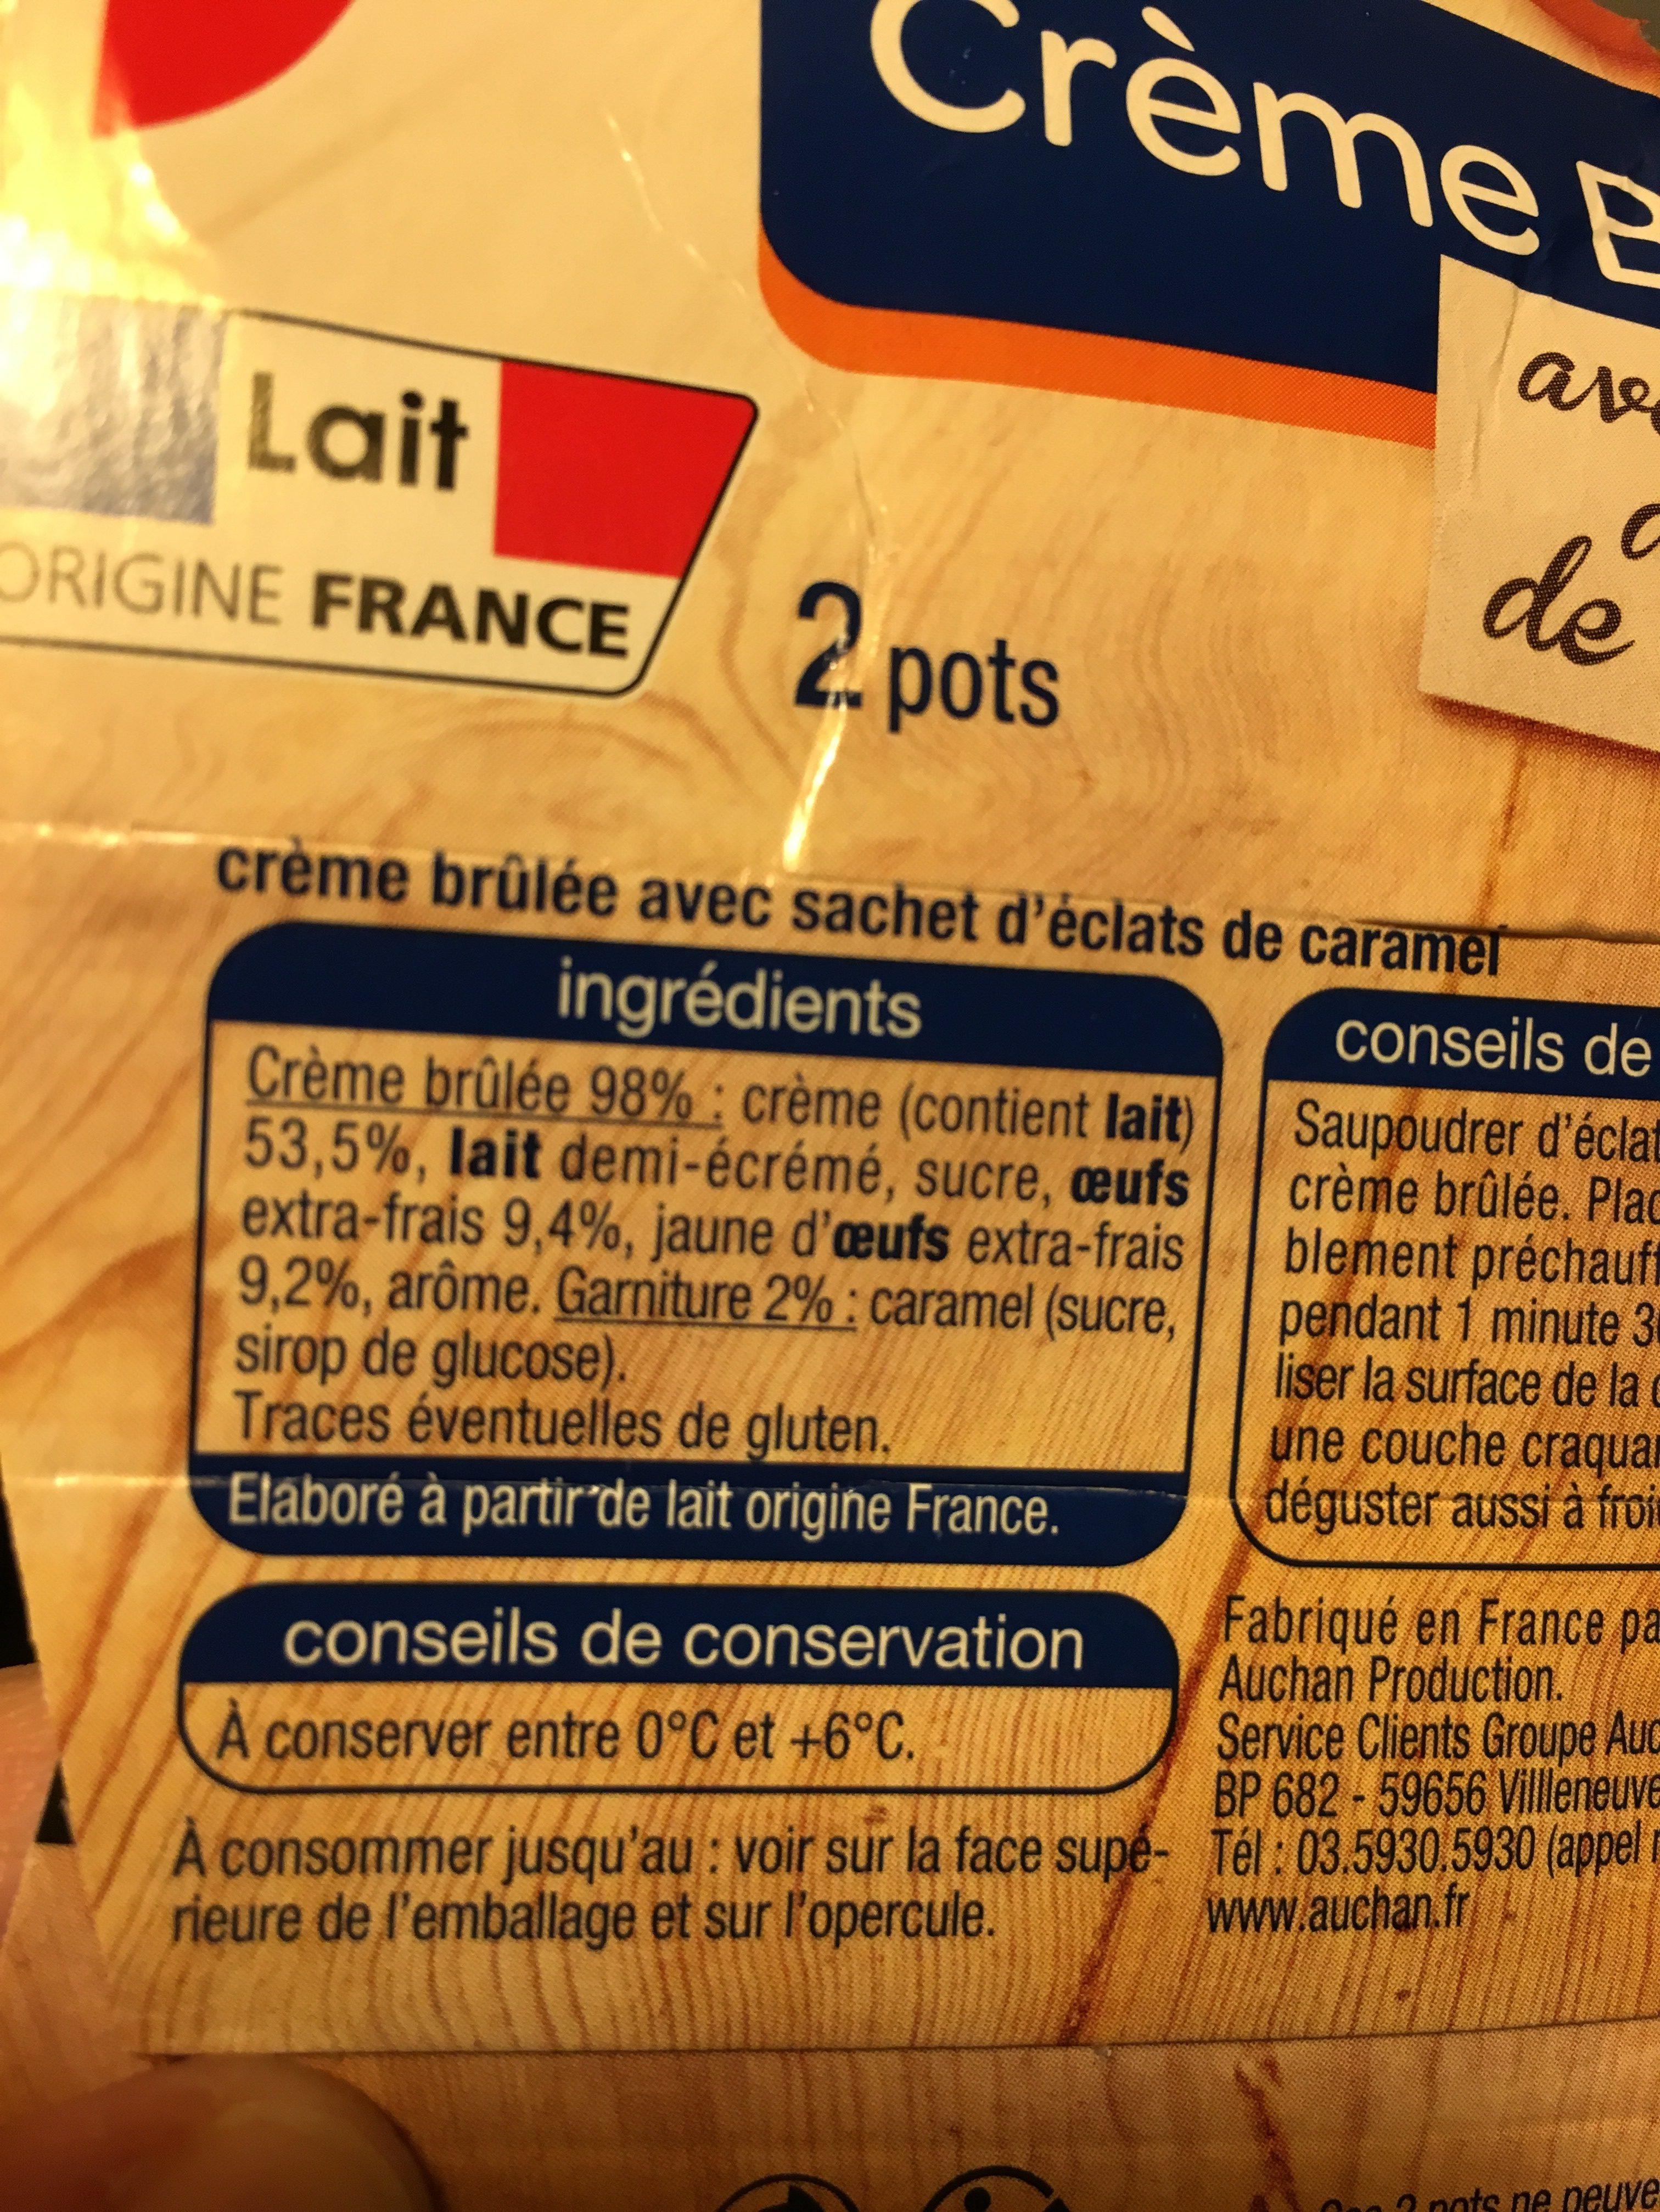 Creme brulee - Ingredients